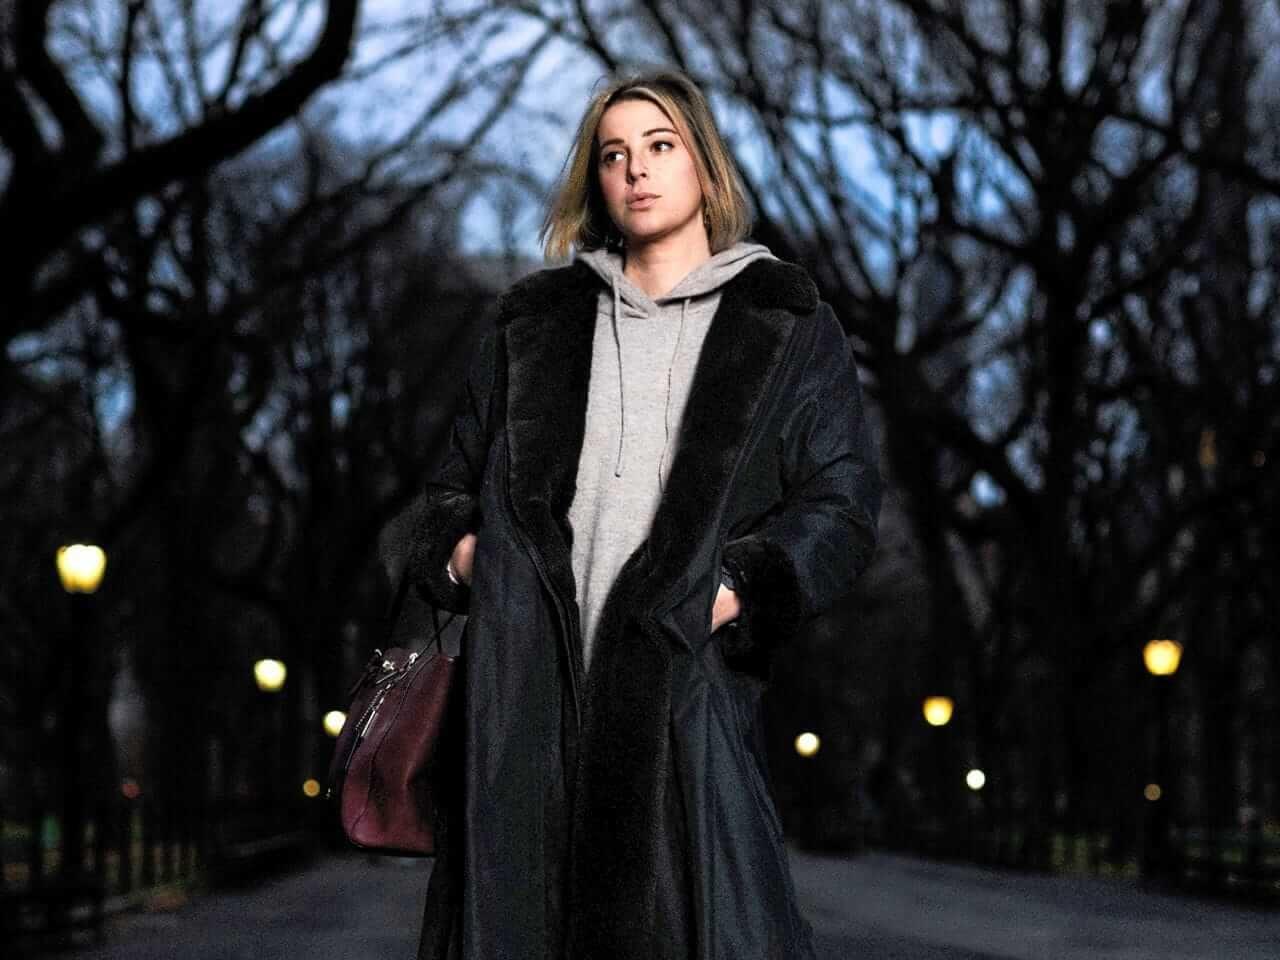 Торри Питерс. Источник: womensagenda.com.au